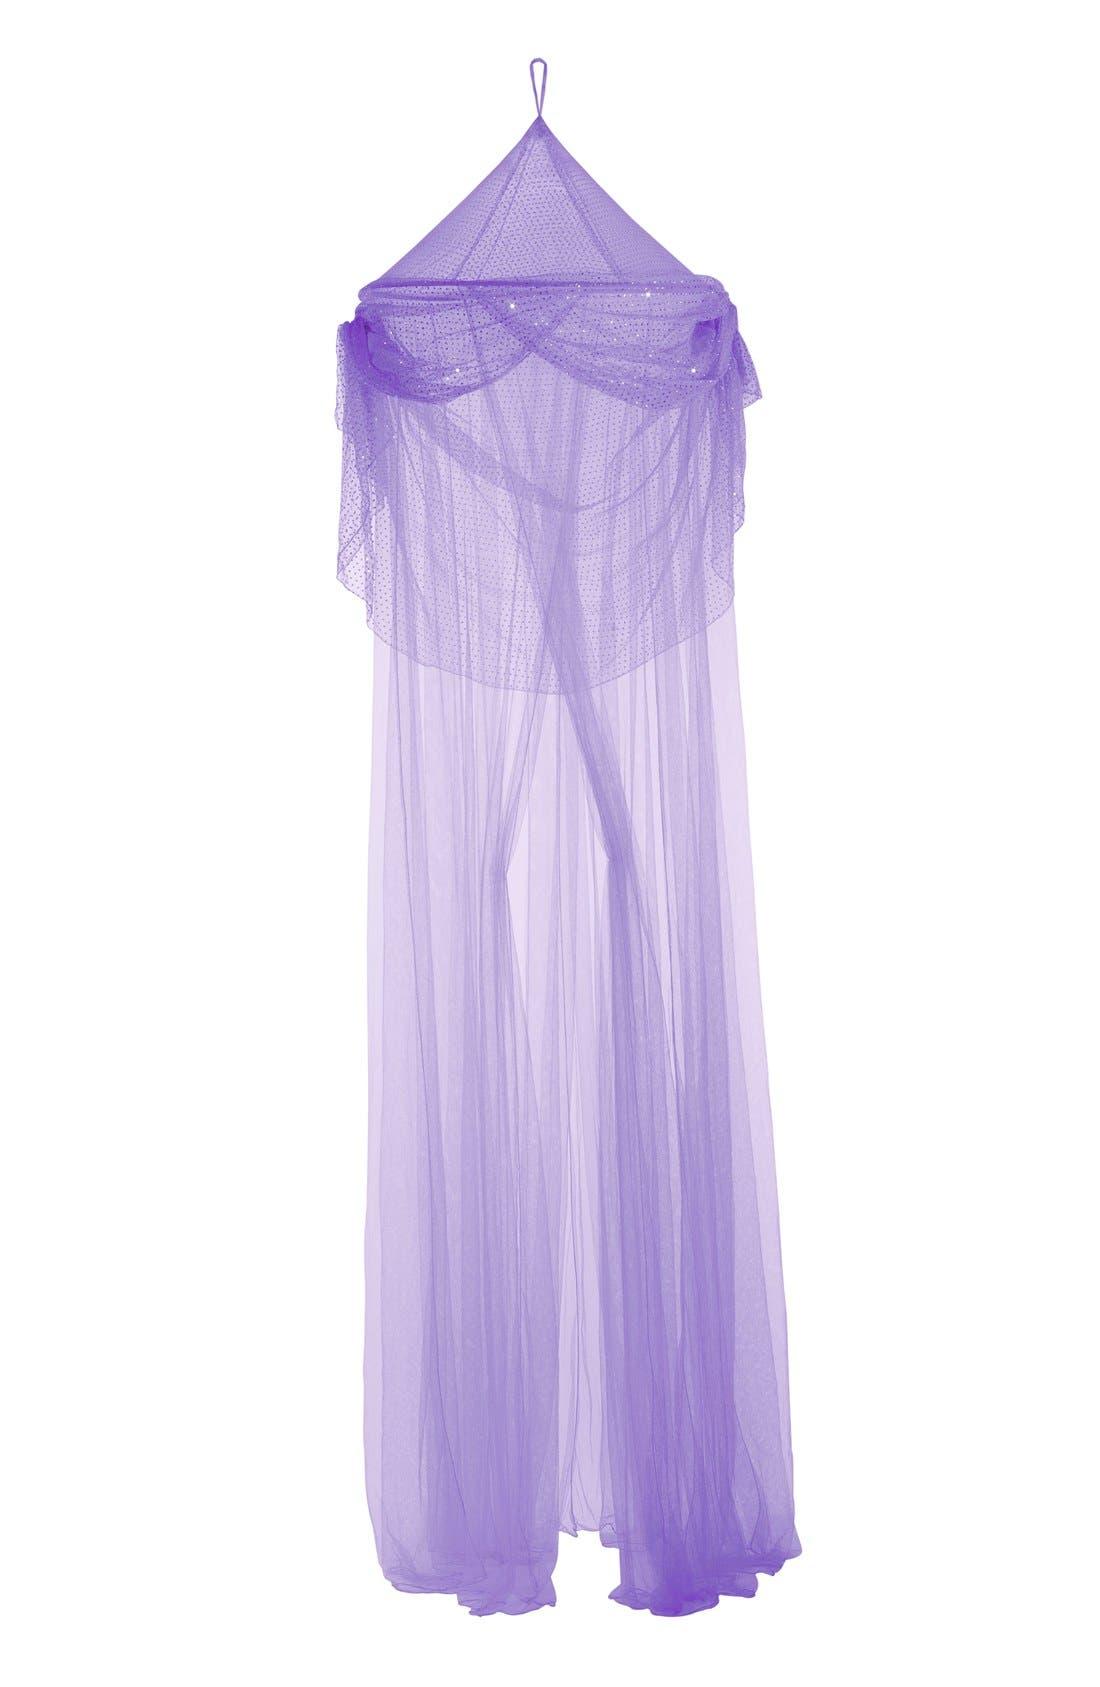 'Purple SparkleTastic' Bed Canopy,                             Main thumbnail 1, color,                             Purple